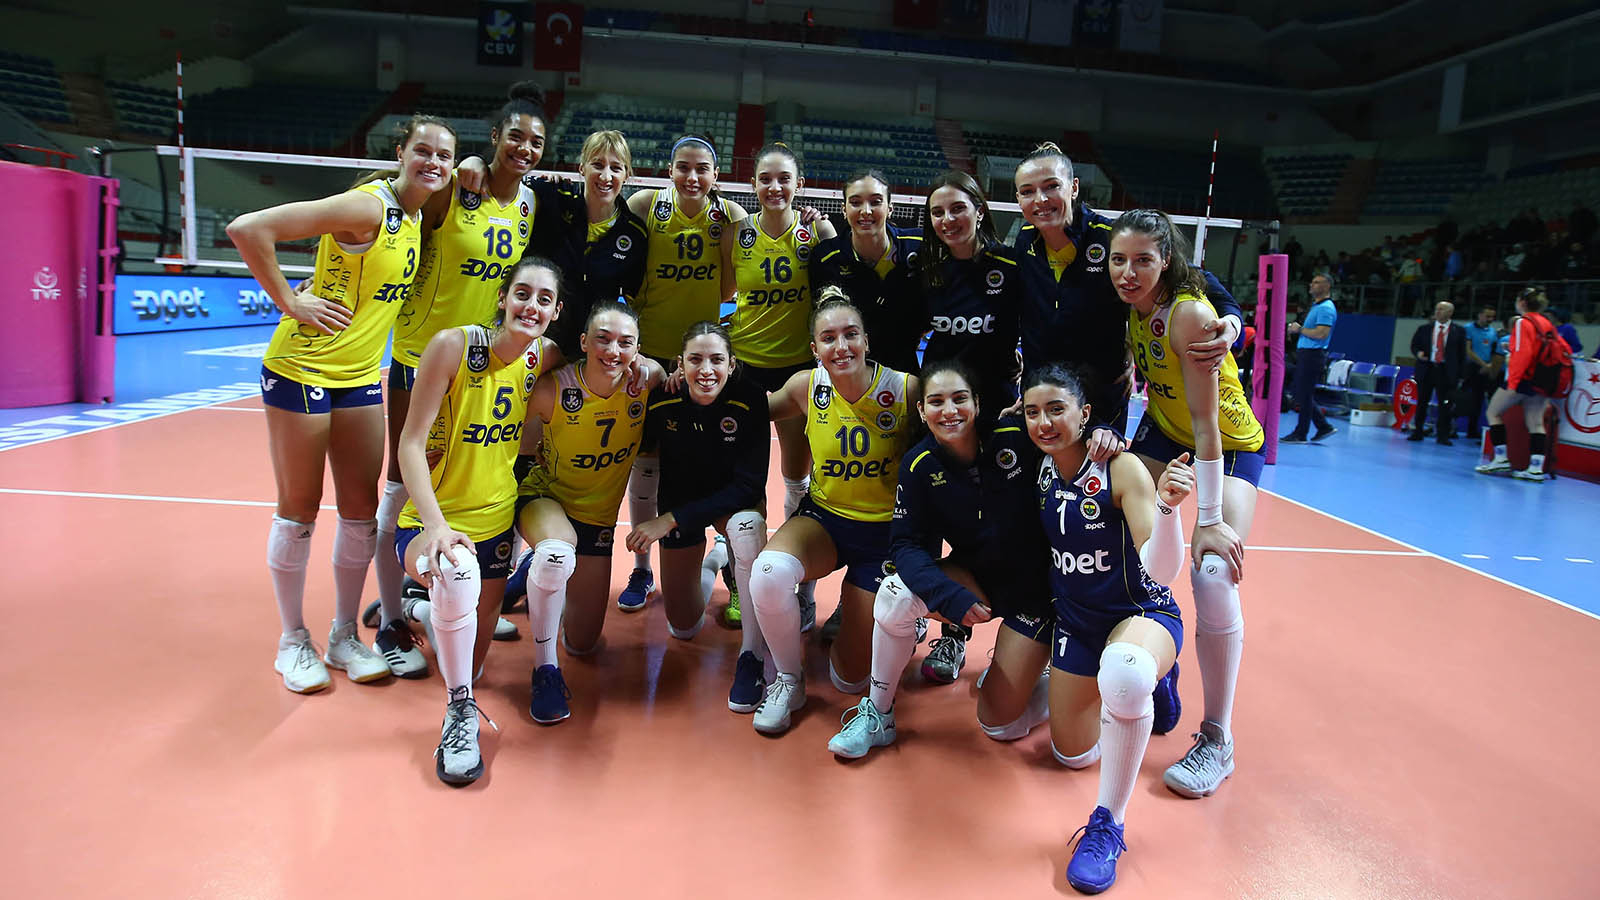 Fenerbahçe Opet, Beylikdüzü Voleybol İhtisas'la karşılaşıyor